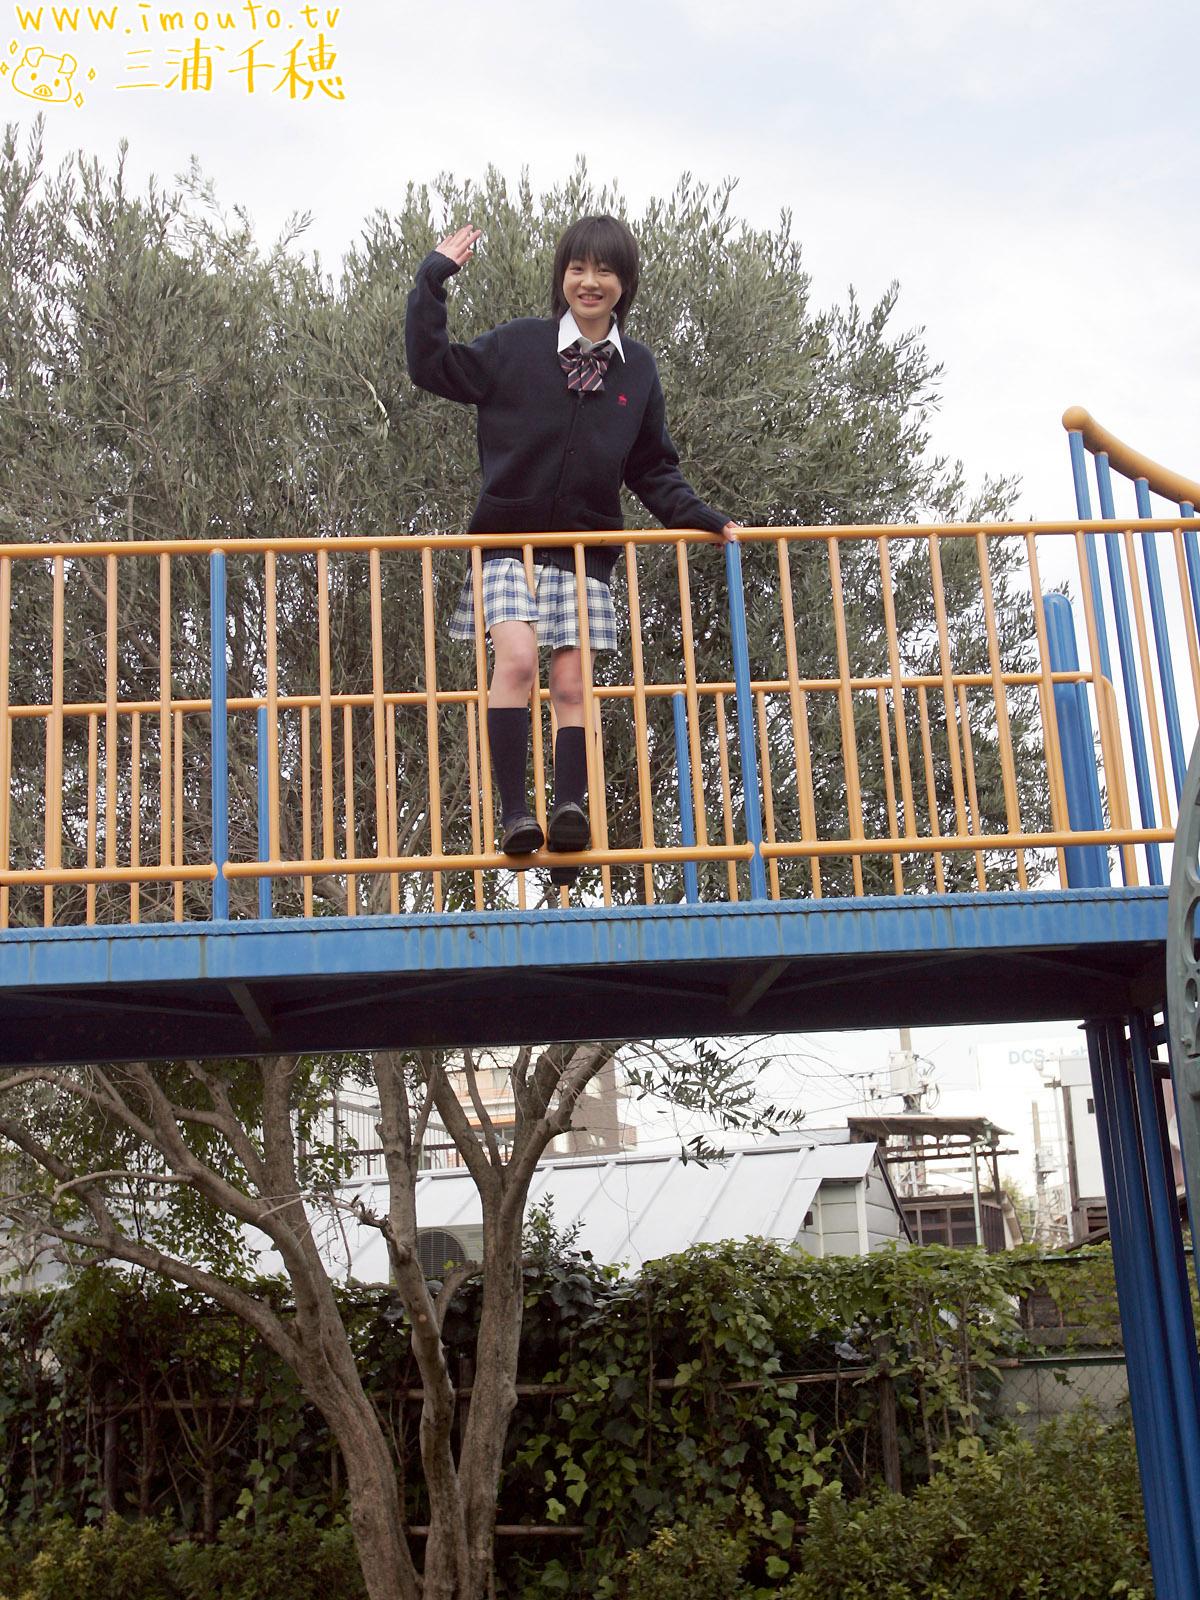 Imouto TV Junior Idol http://gallery.crazyidol.net/2009/11/chiho-miura